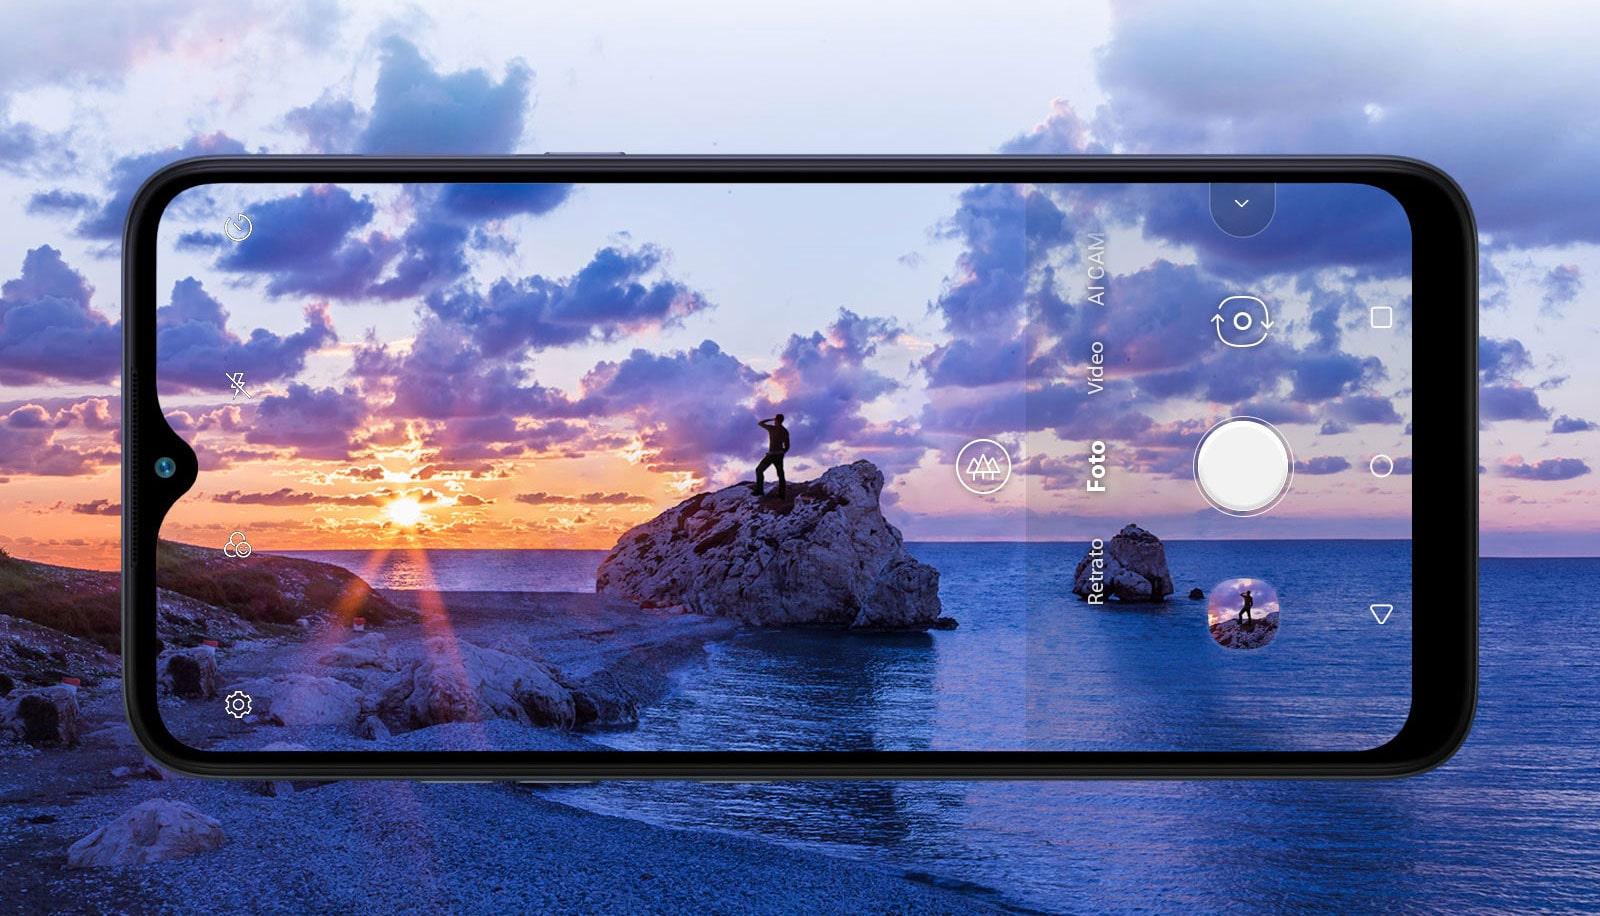 Smartphone fotografando um homem que contempla a praia ao entardecer.